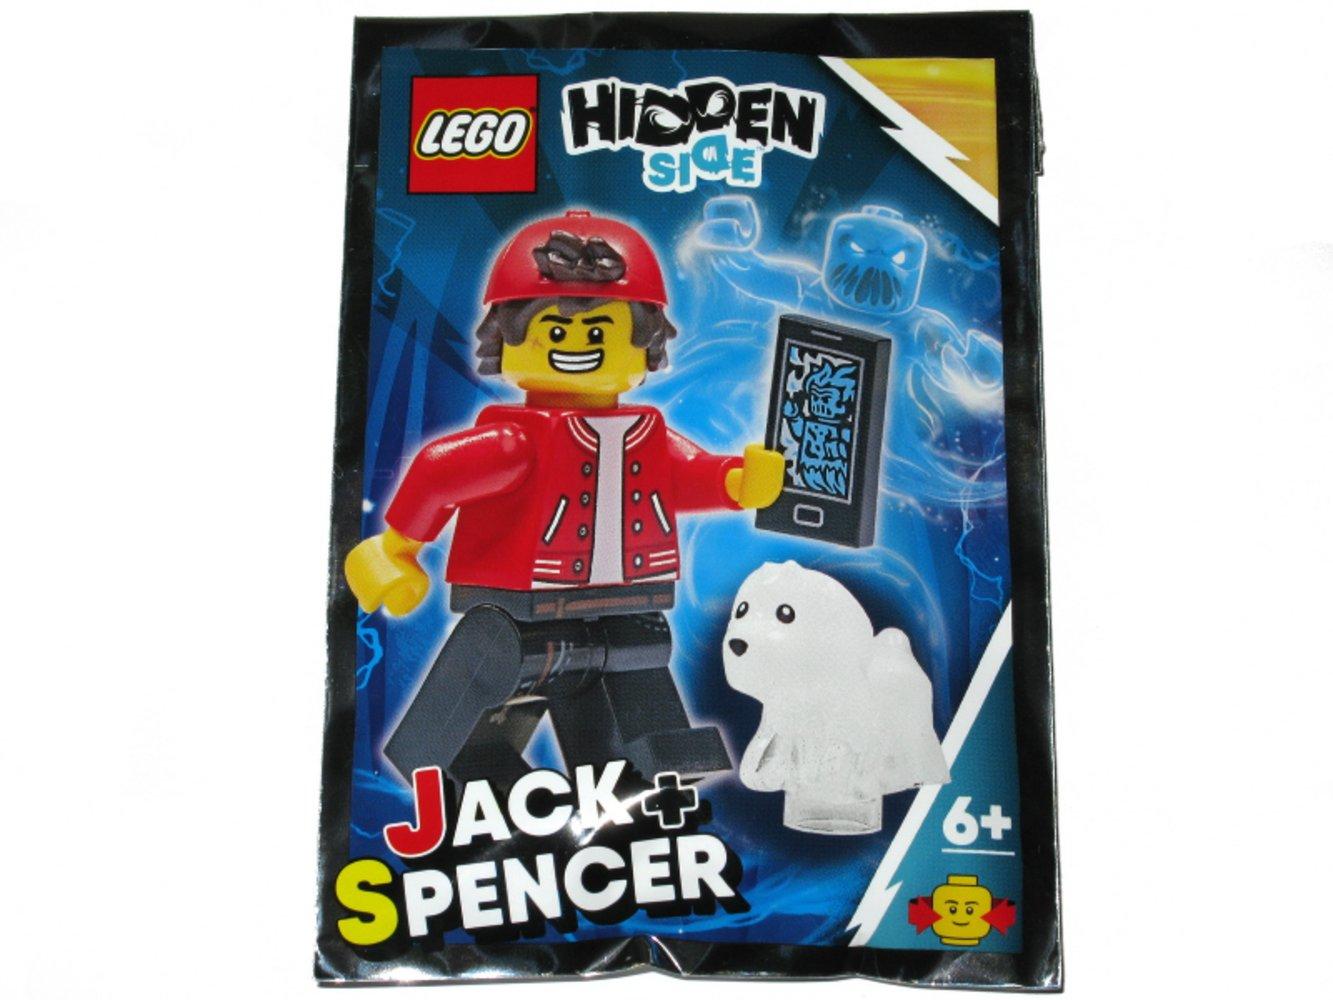 Jack + Spencer